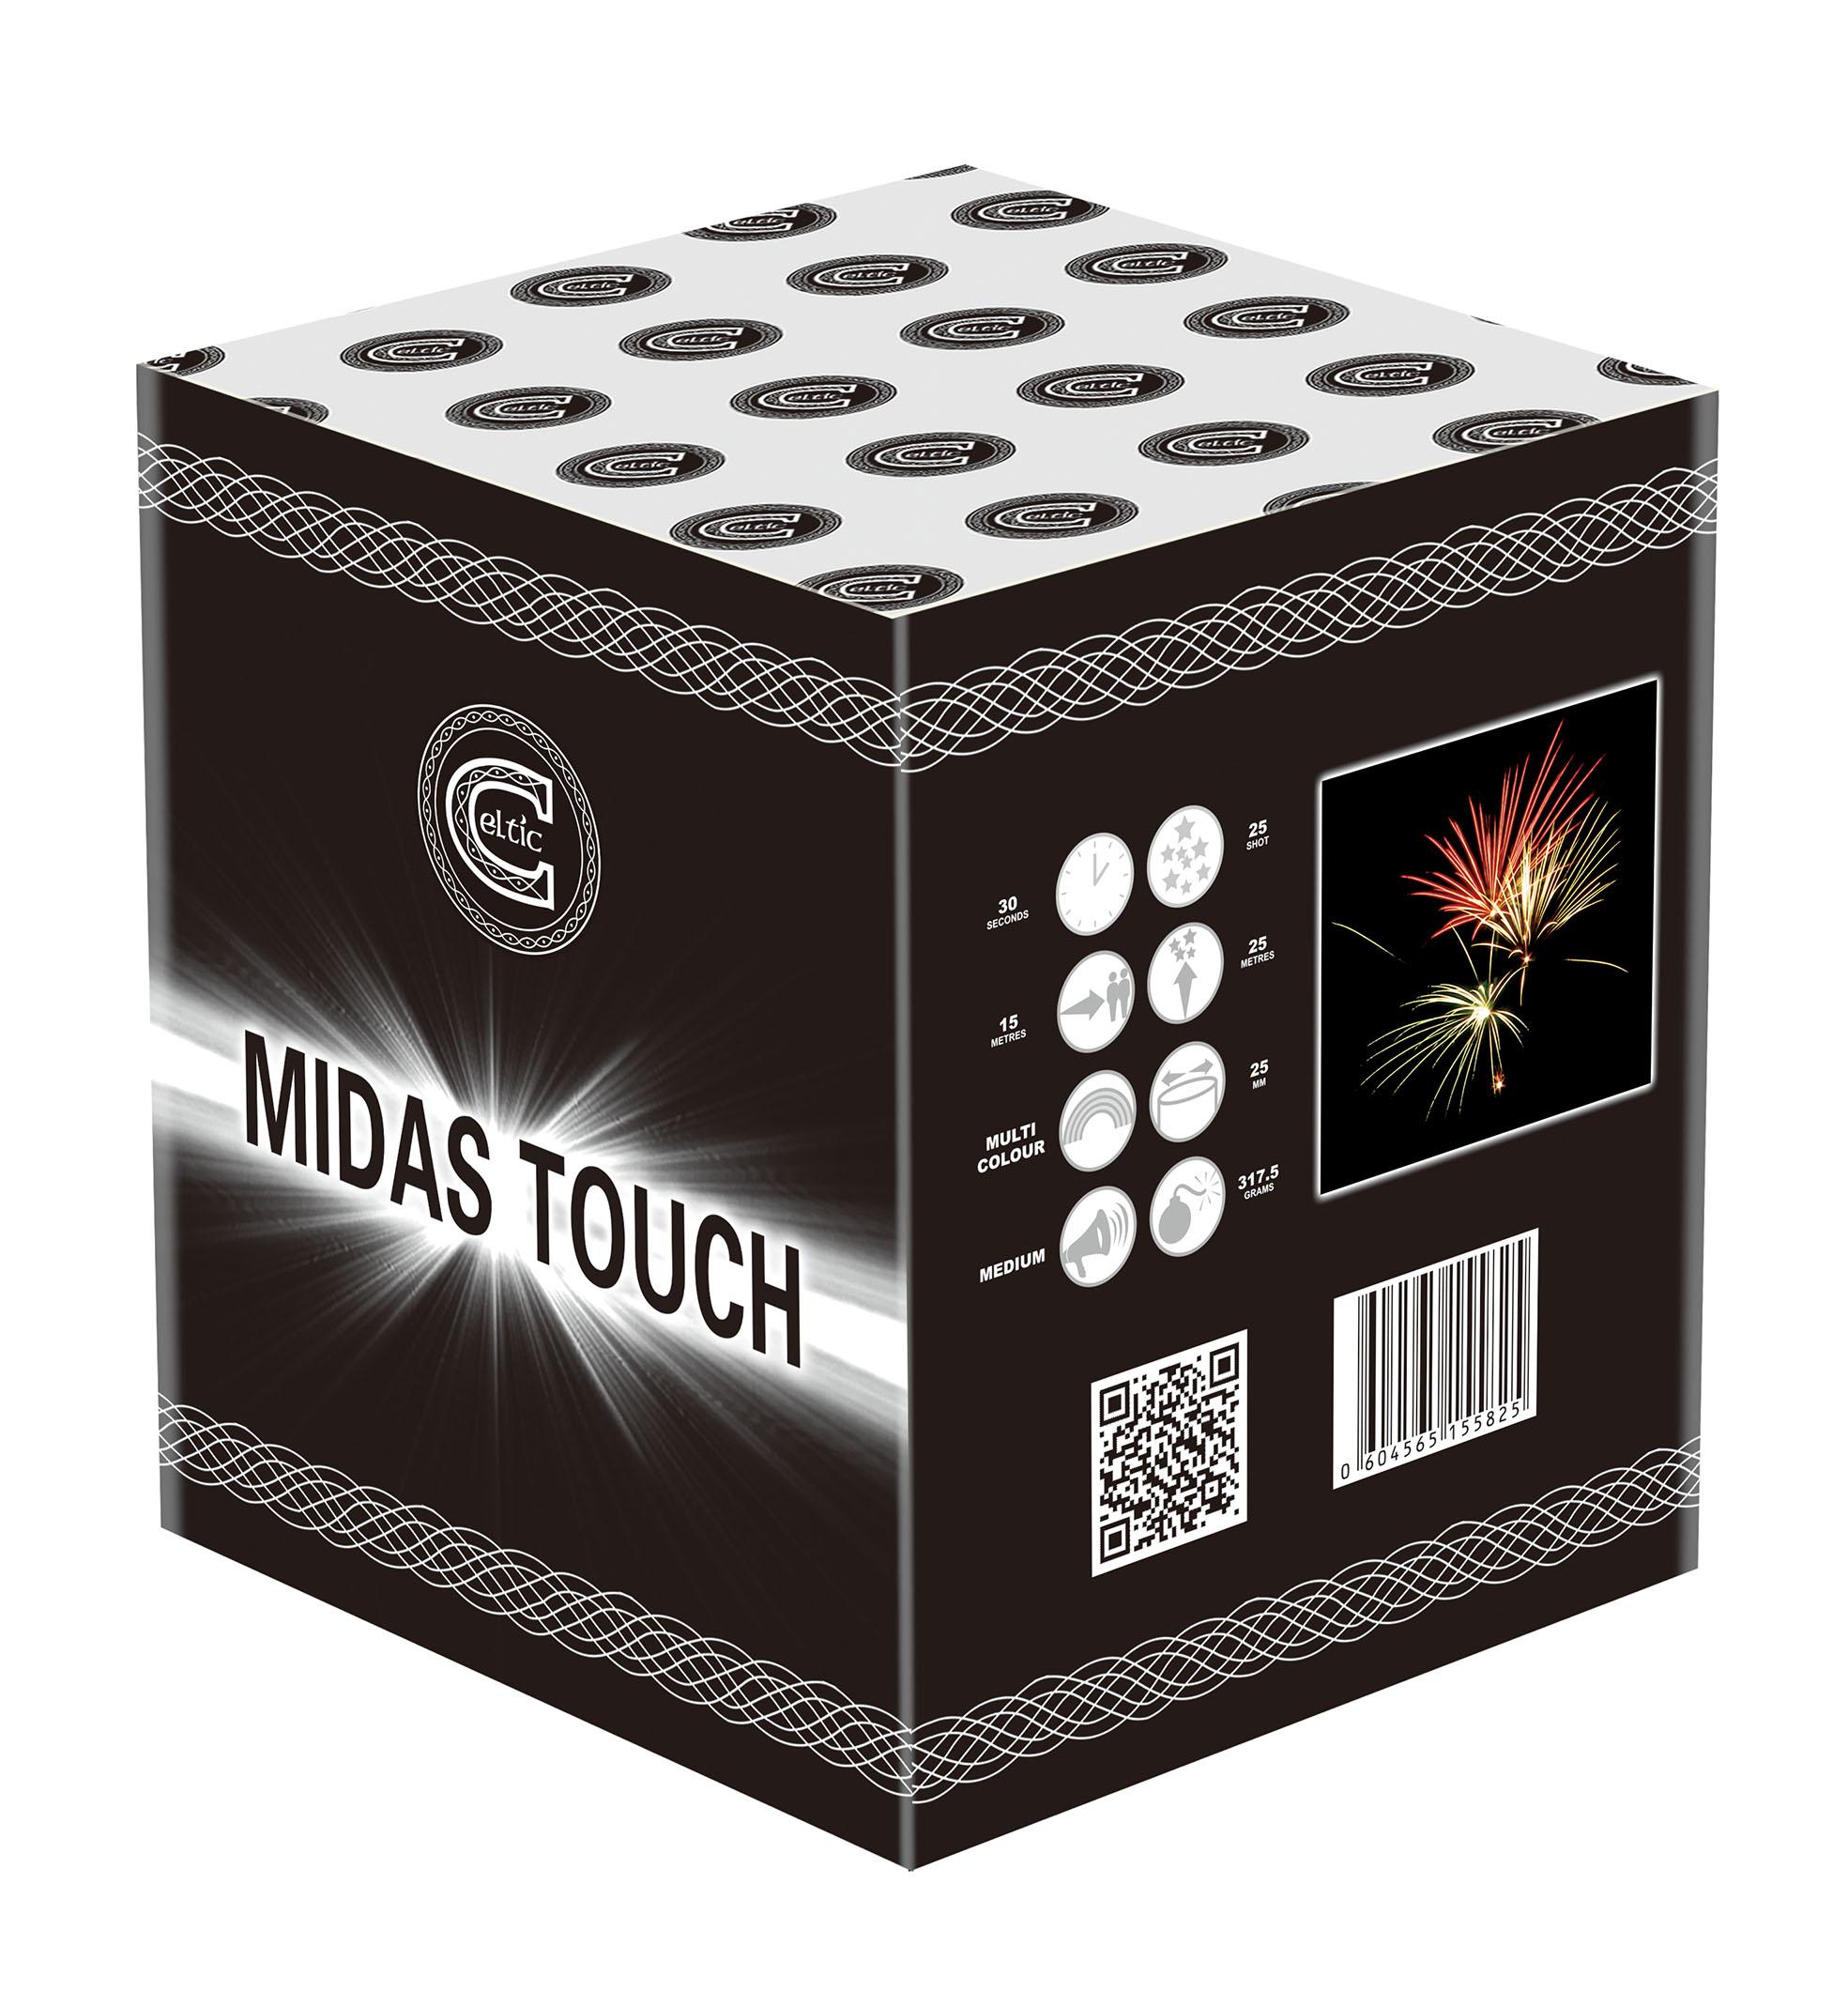 midas touch fireworks